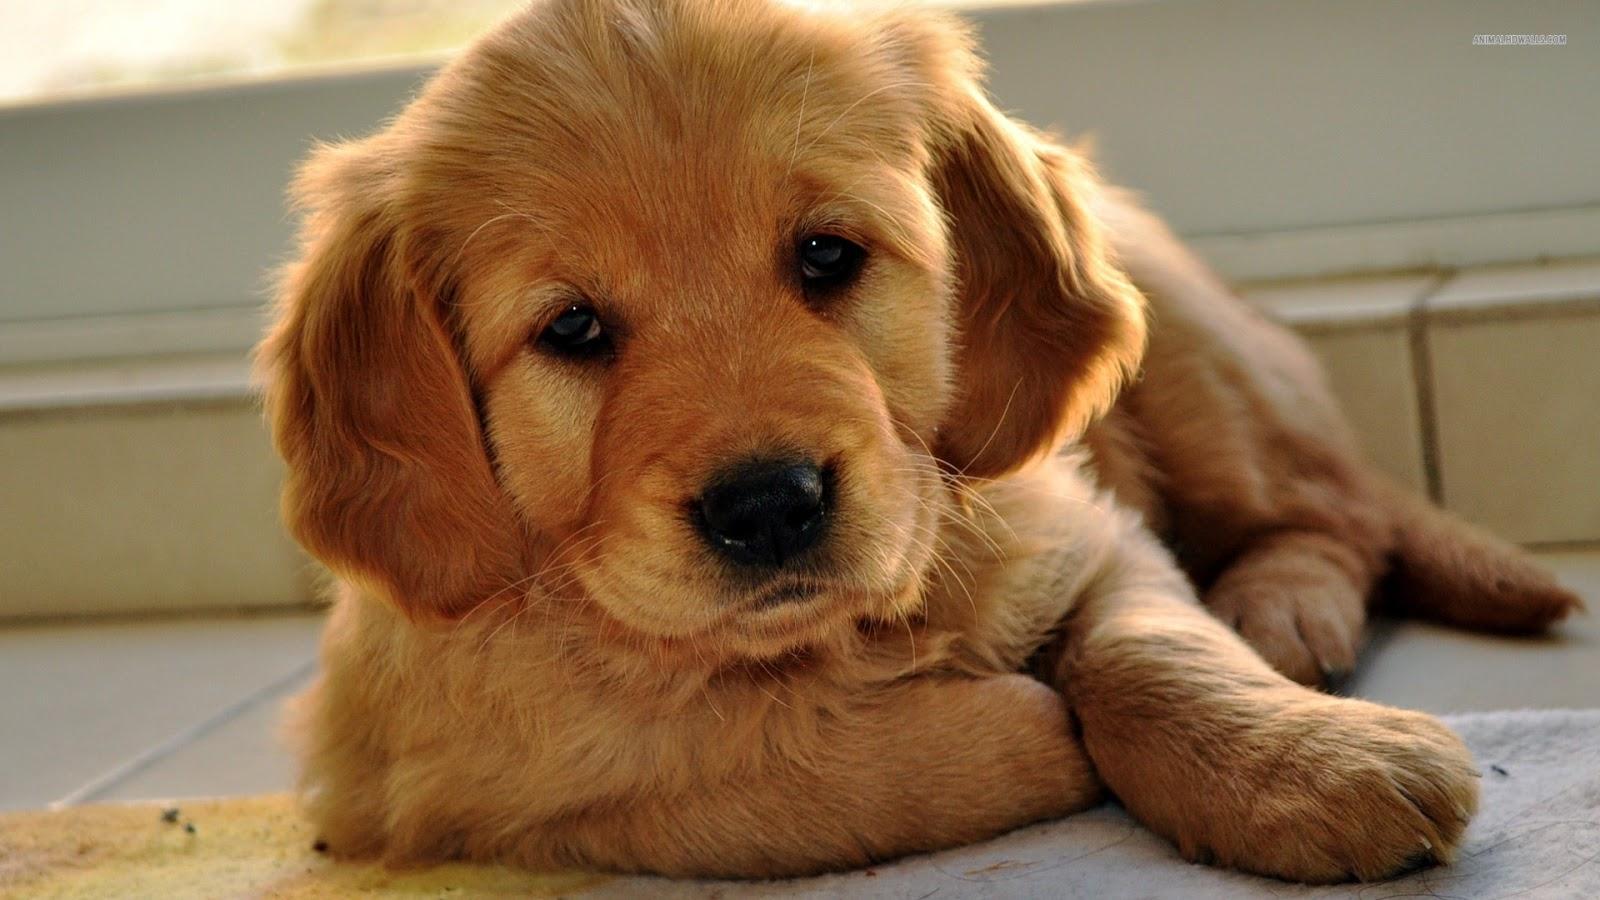 Cute Golden Retriever Dog/Puppy